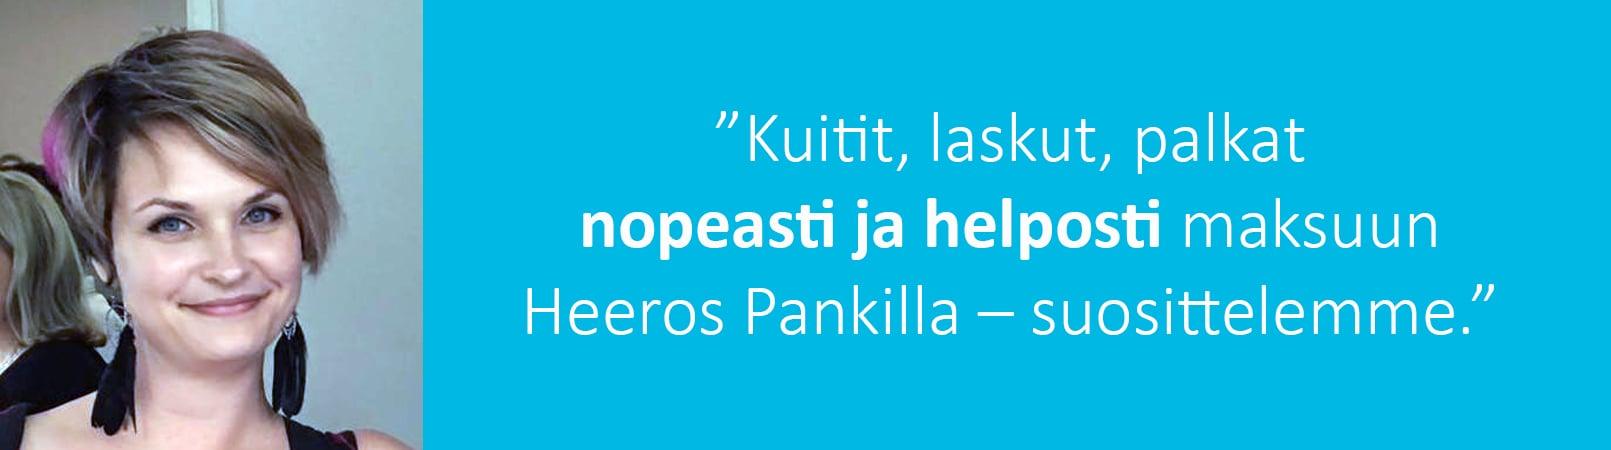 Heeros_Pankkitarina_TiliSeno